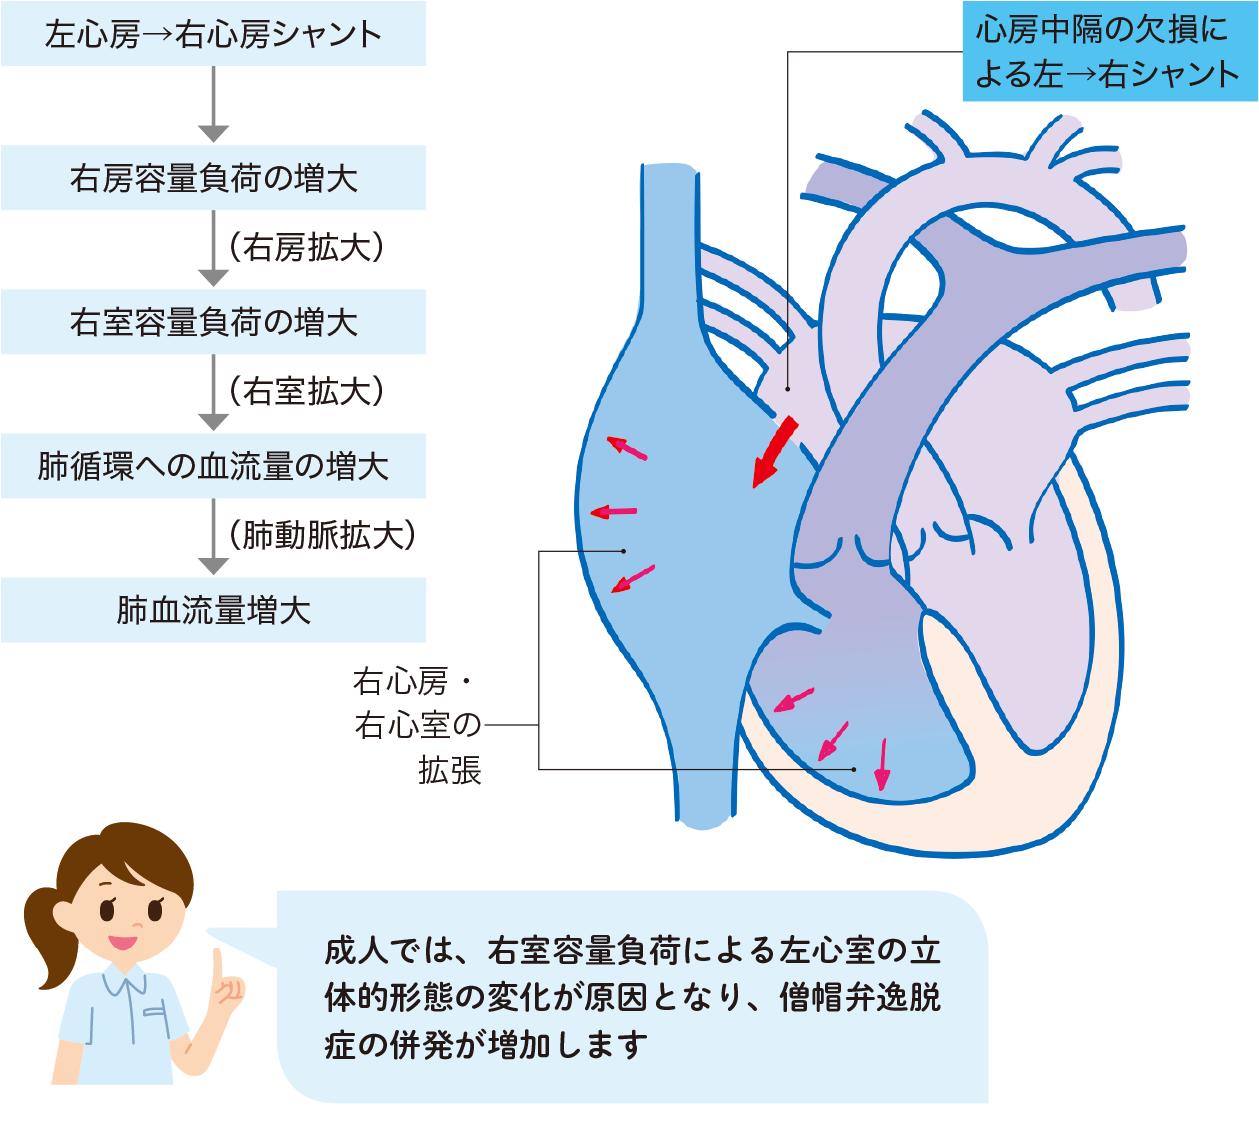 心房中隔欠損症の病態